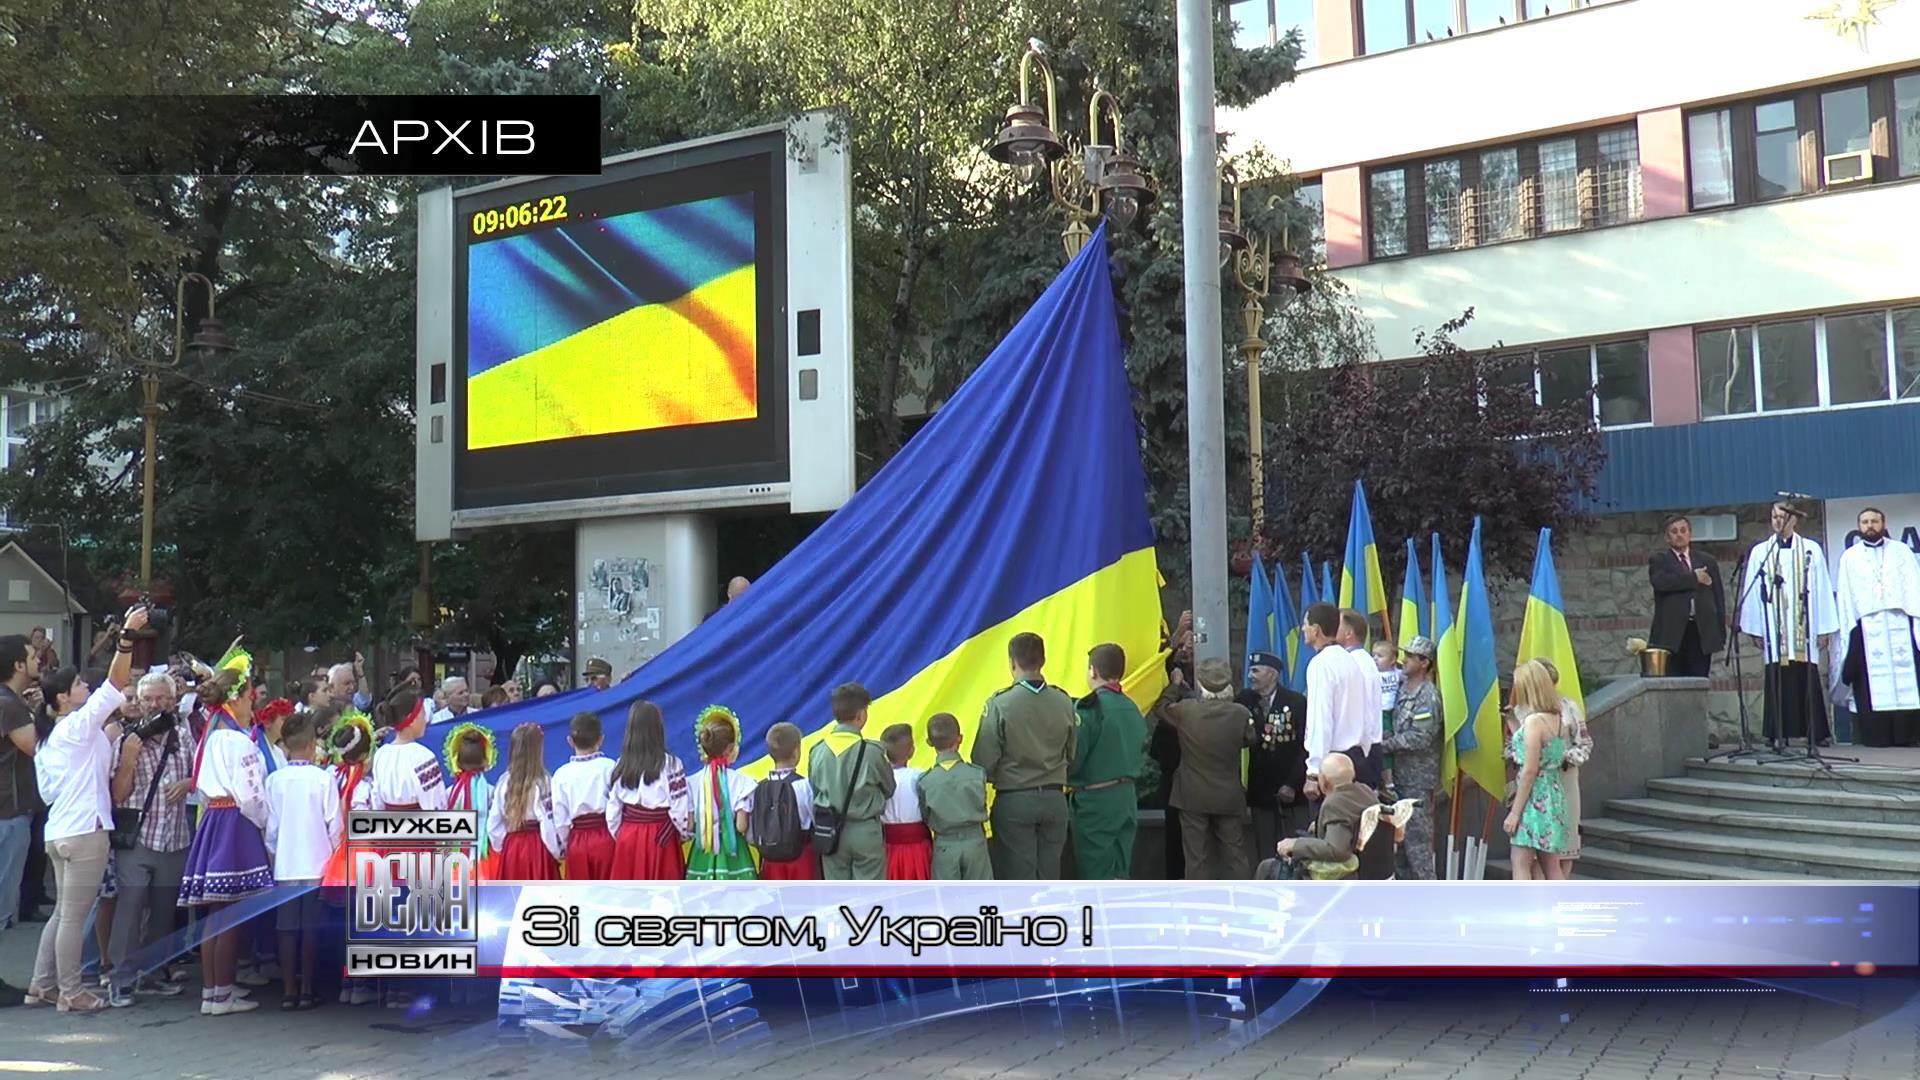 Зі святом, Україно ![14-09-25]